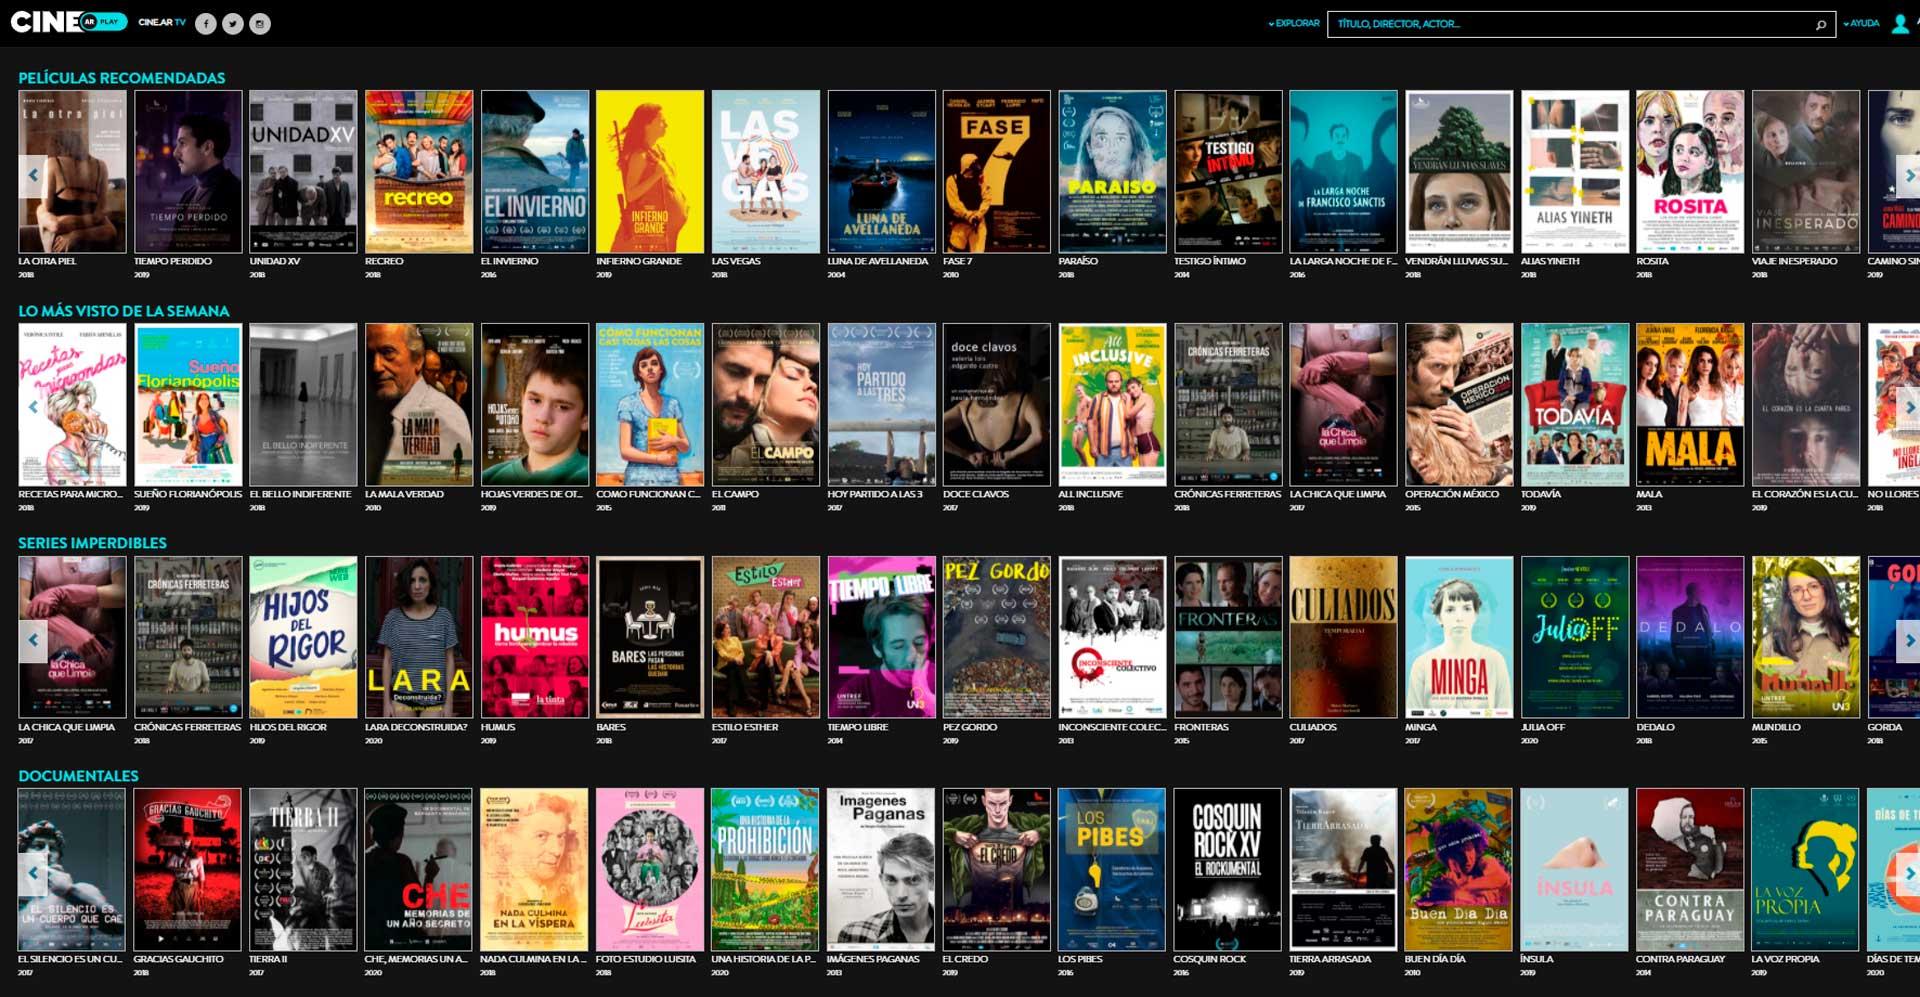 Pantalla principal de Cinear Play con opciones de series, películas, documentales y recomendaciones nacionales.